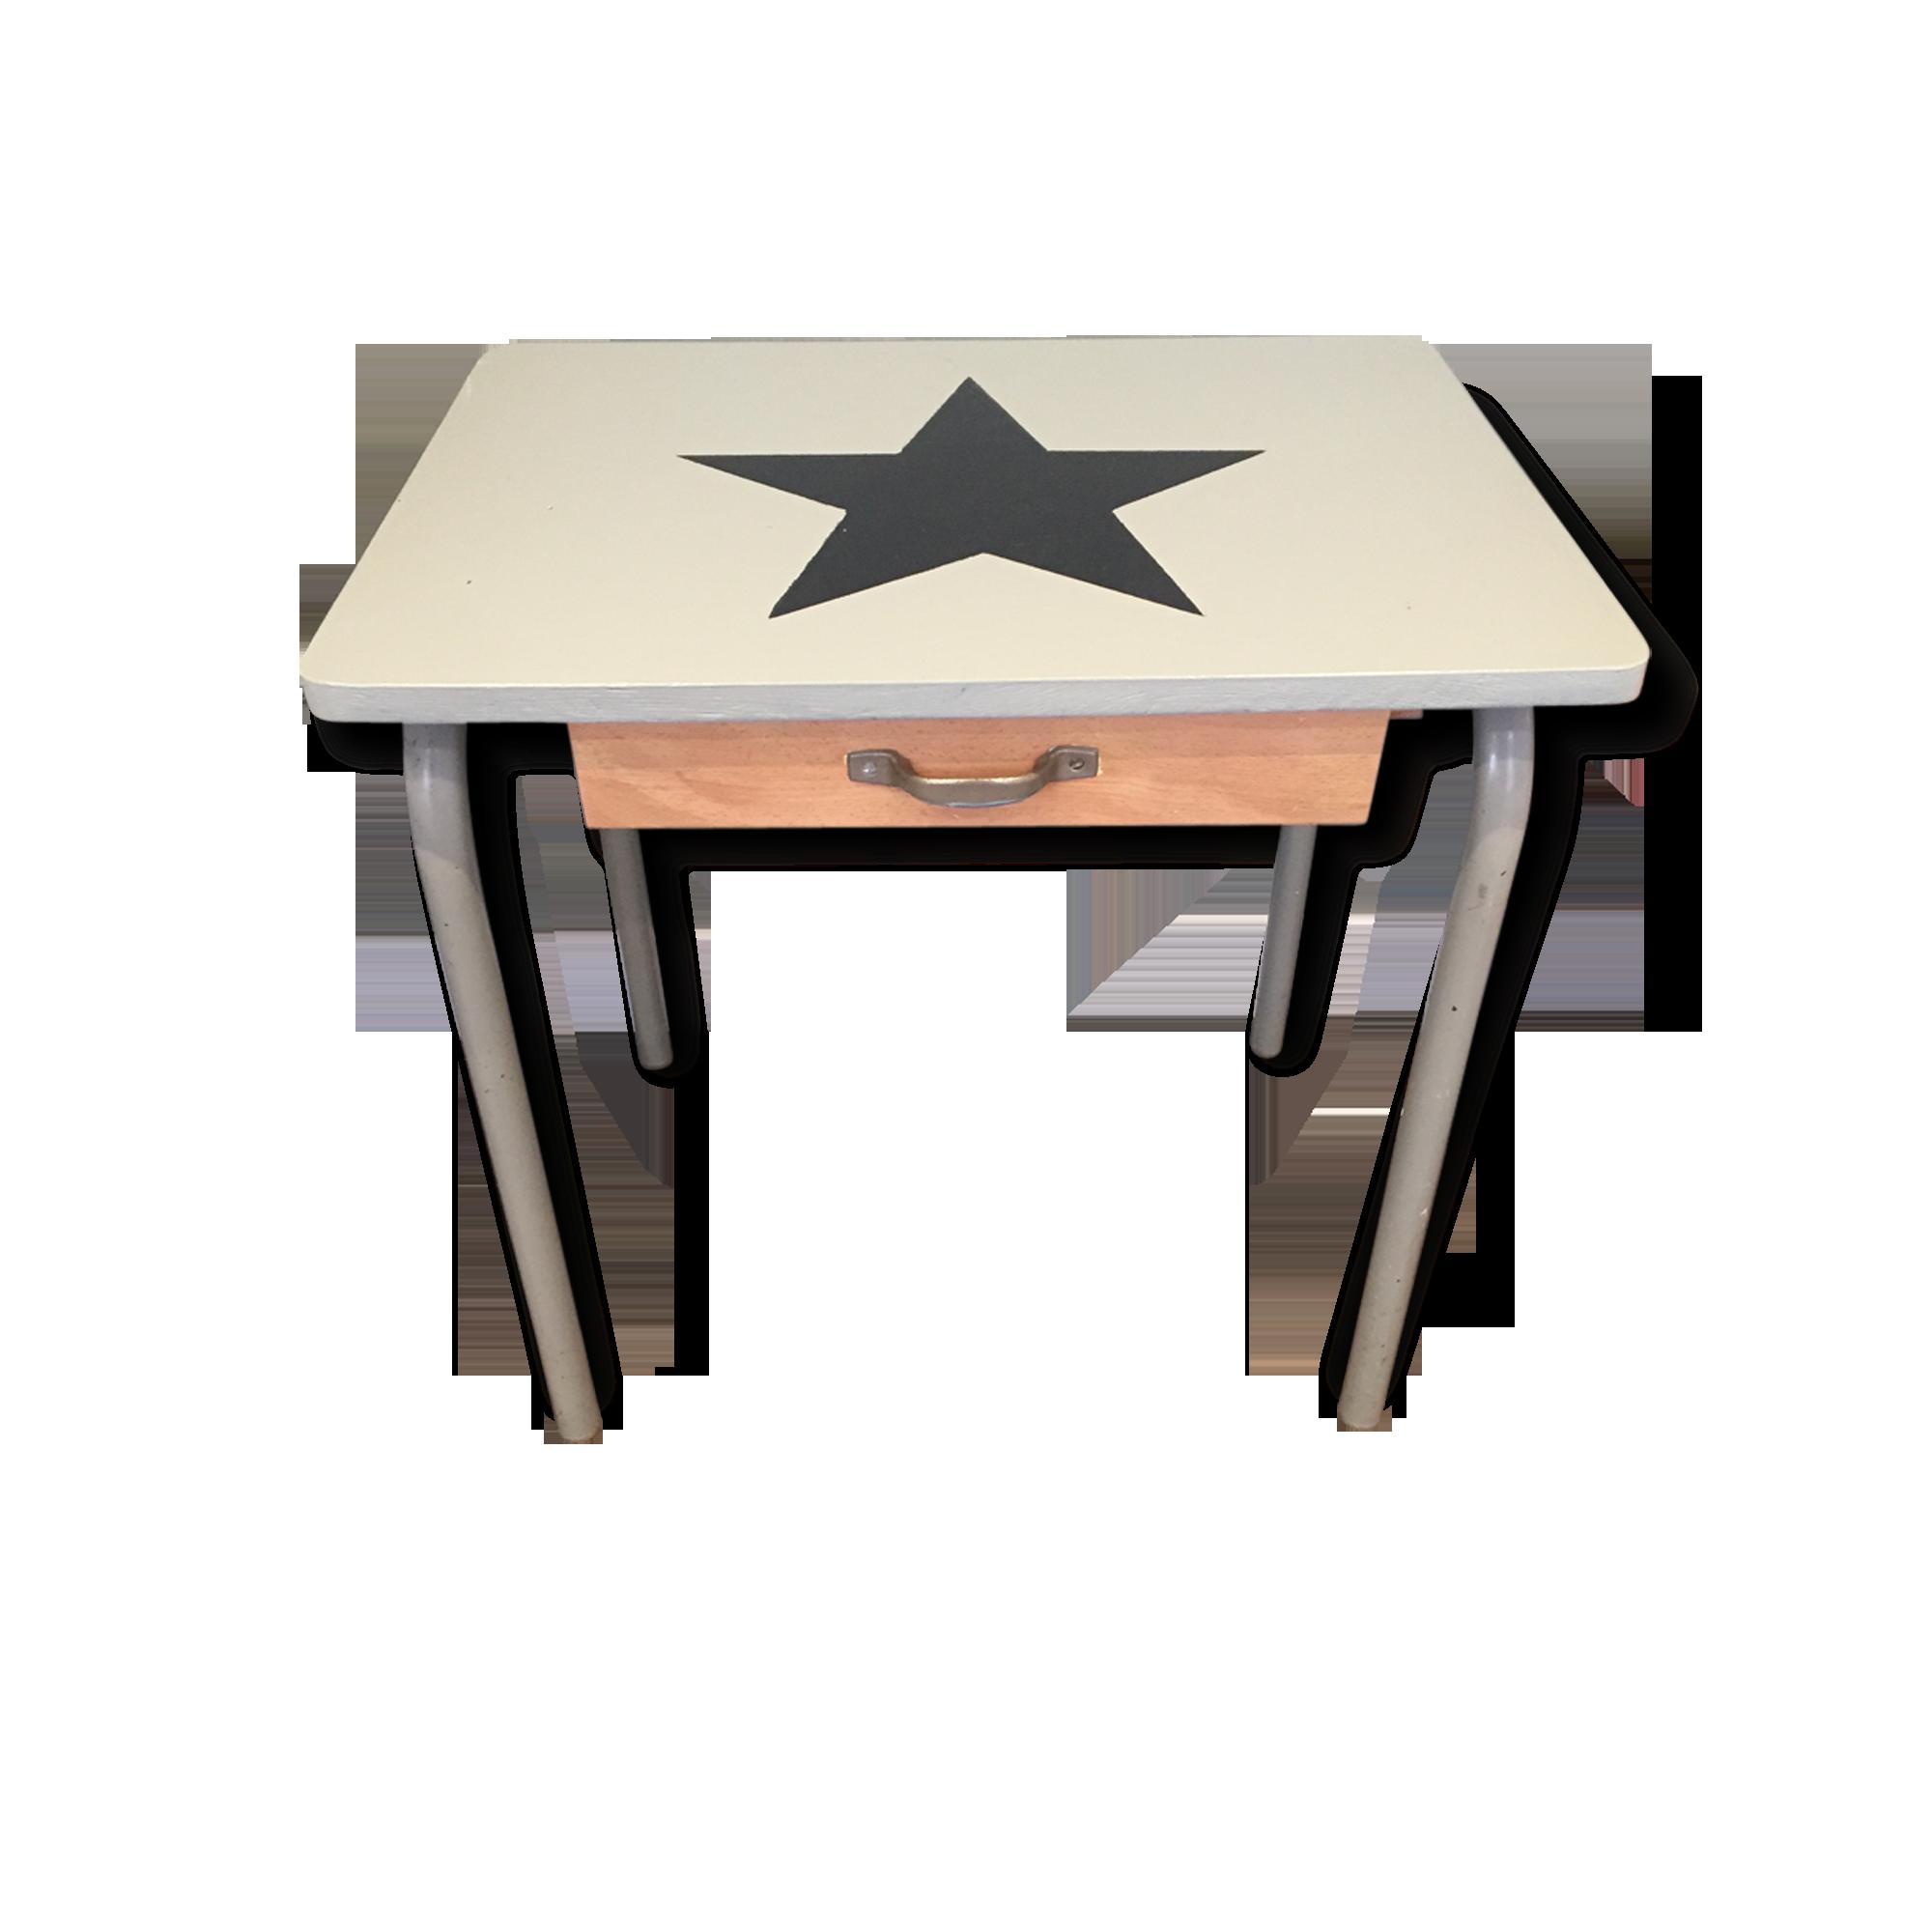 Bureau étoilé bois matériau vintage